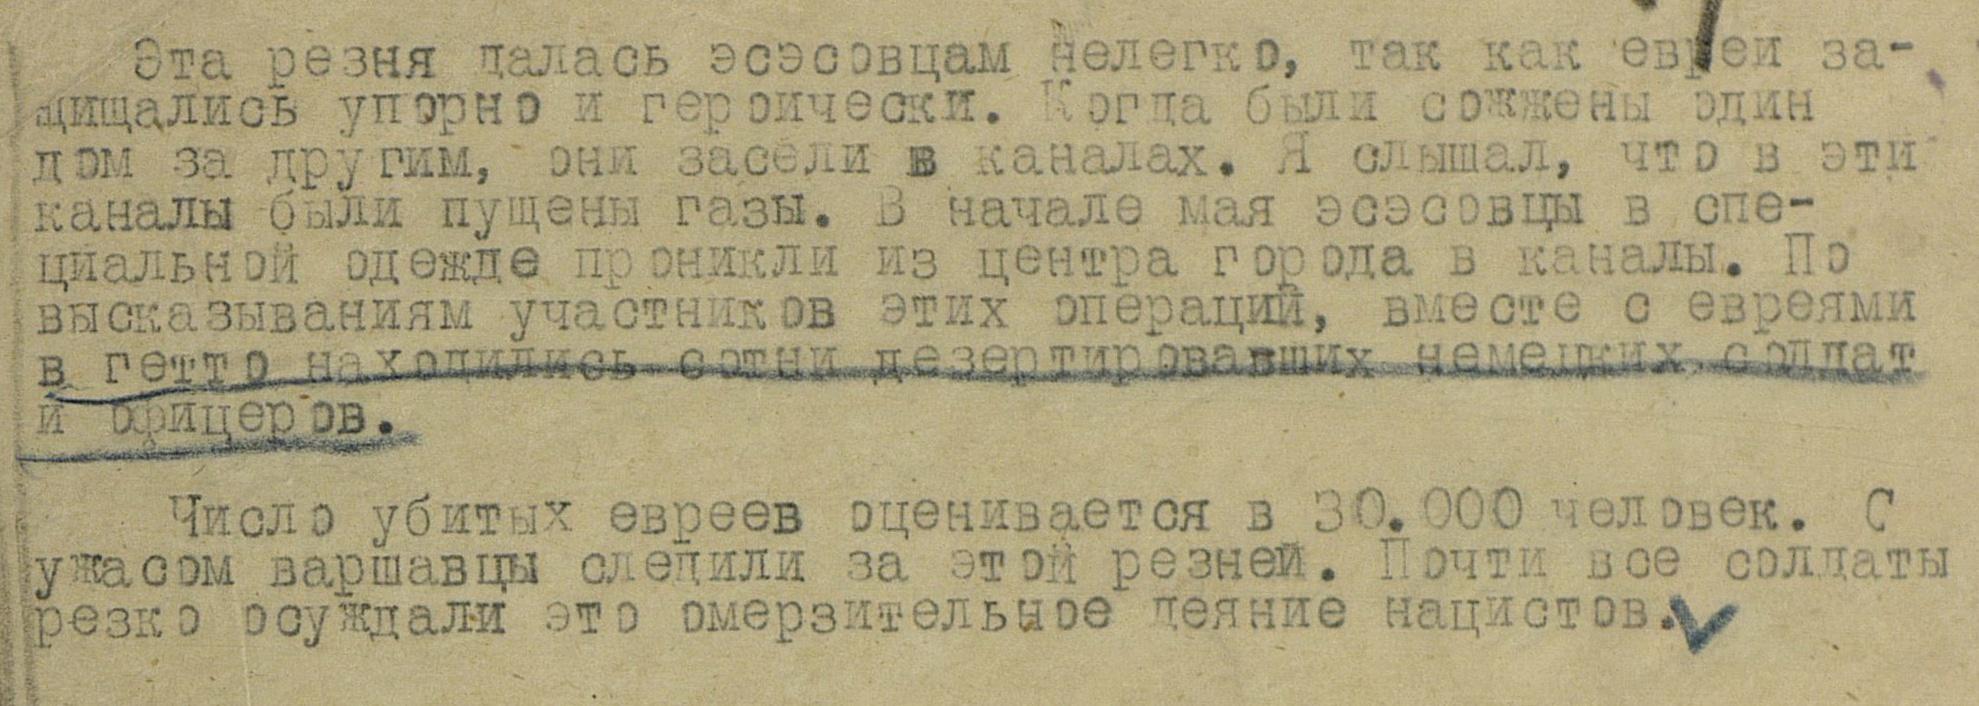 Показания военнопленного ефрейтора К. Веймана о прогромах в Варшавском гетто от 30.08.1943